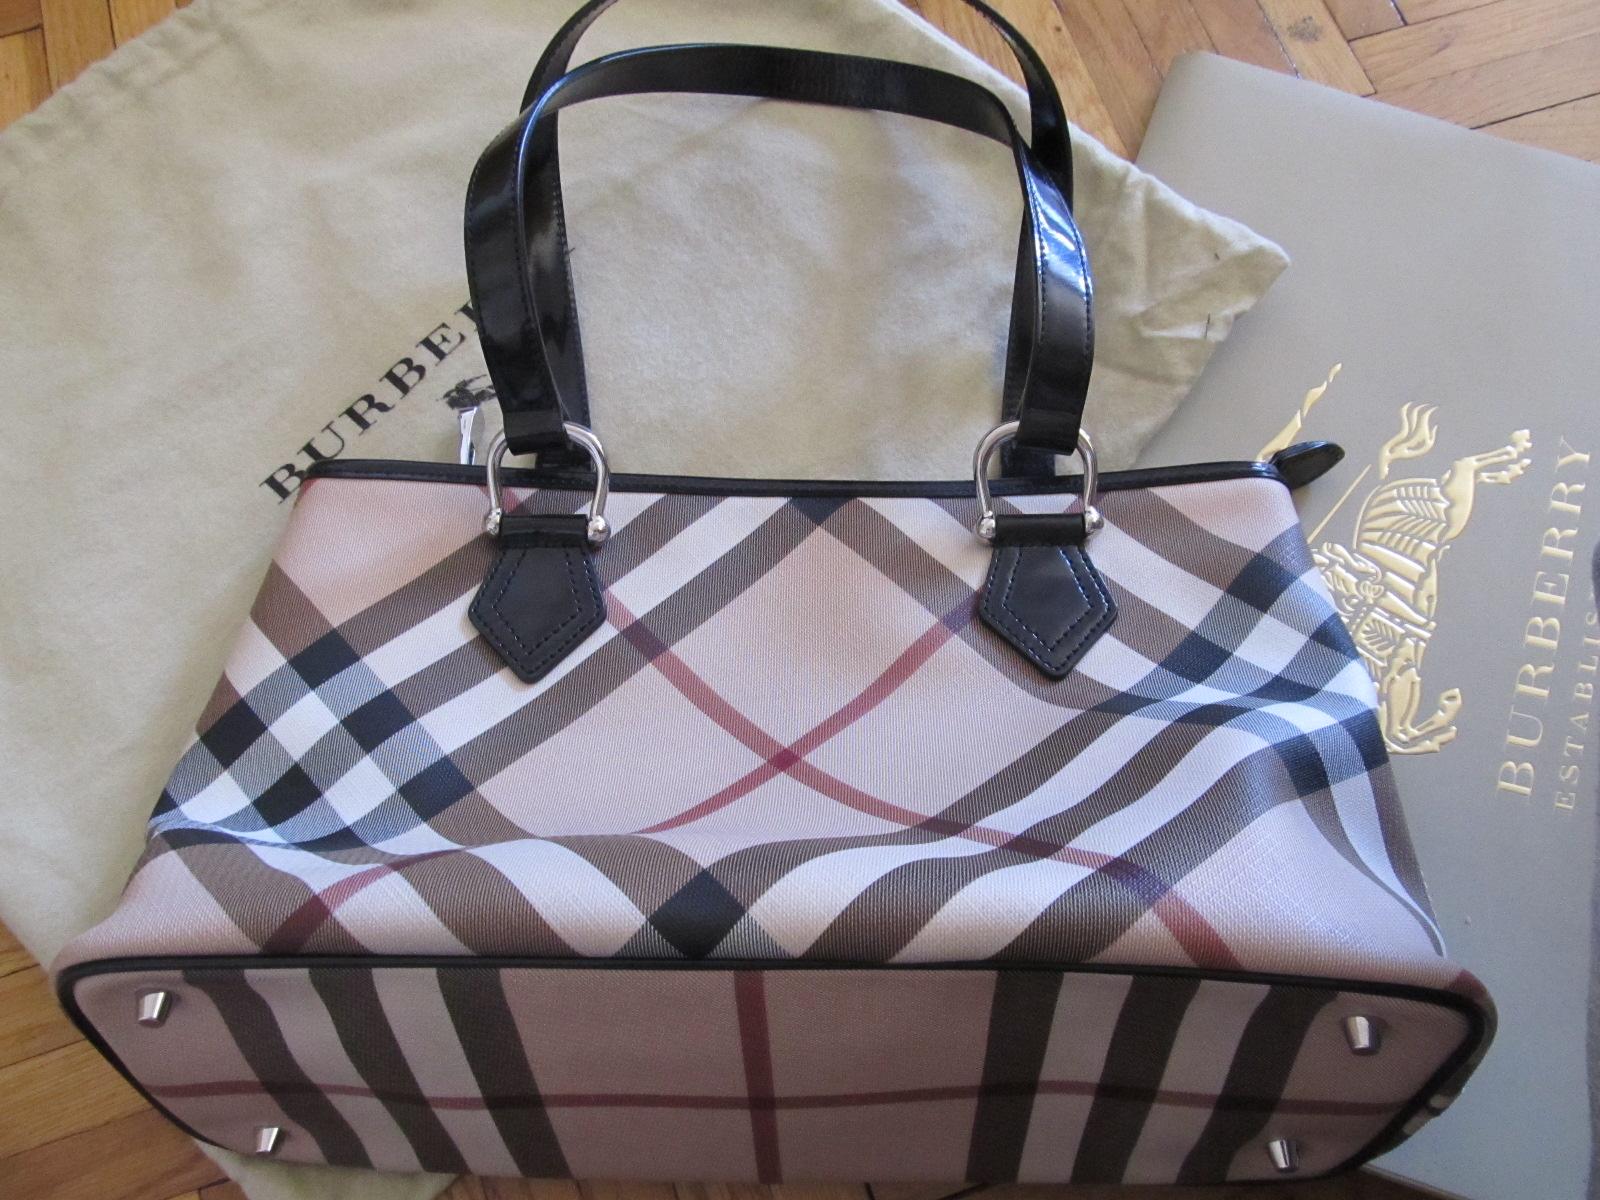 c3411494f4d5 Hát így szól az első Burberry vásárlásom kicsit meseszerű története és már  meg is van a táska örököse, a Kislányom. :)